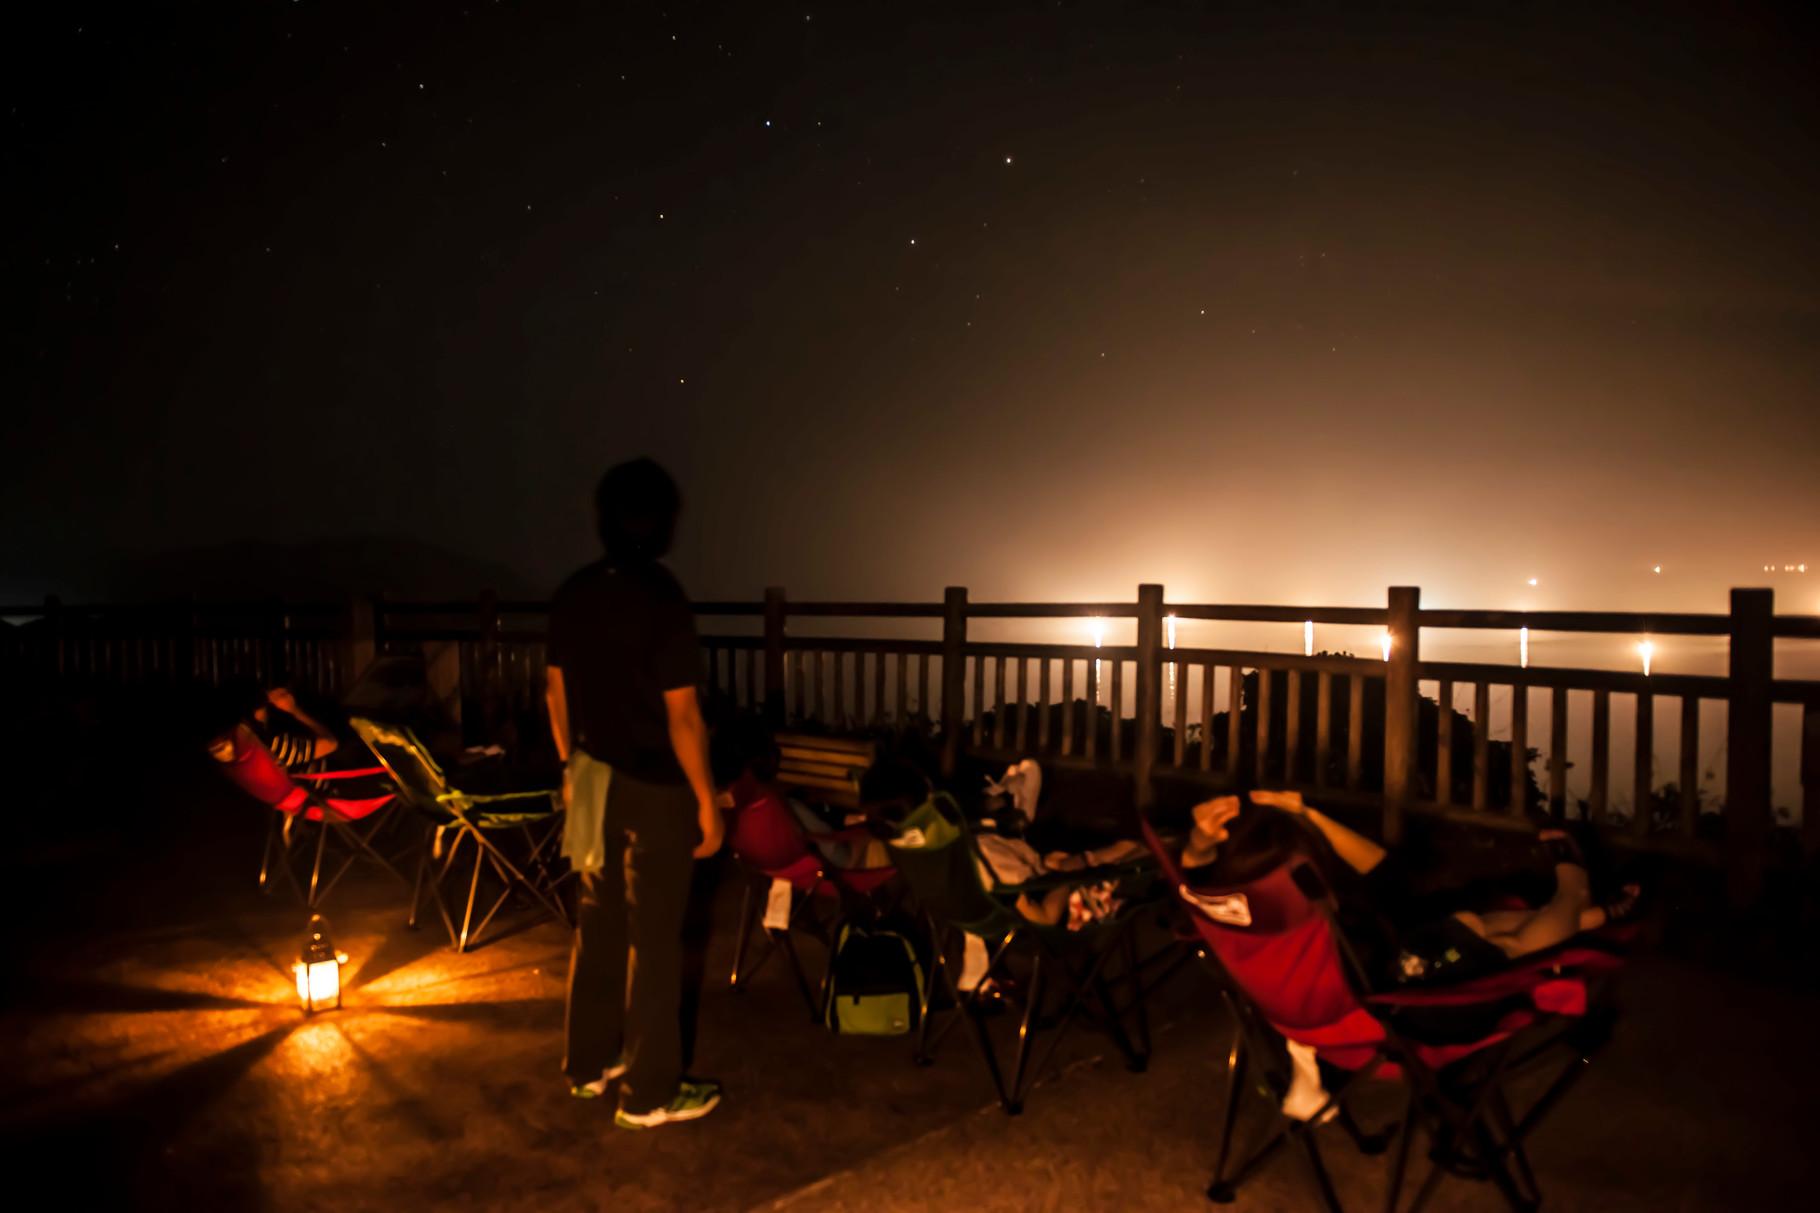 ナイトツアー後半は星空観察会。